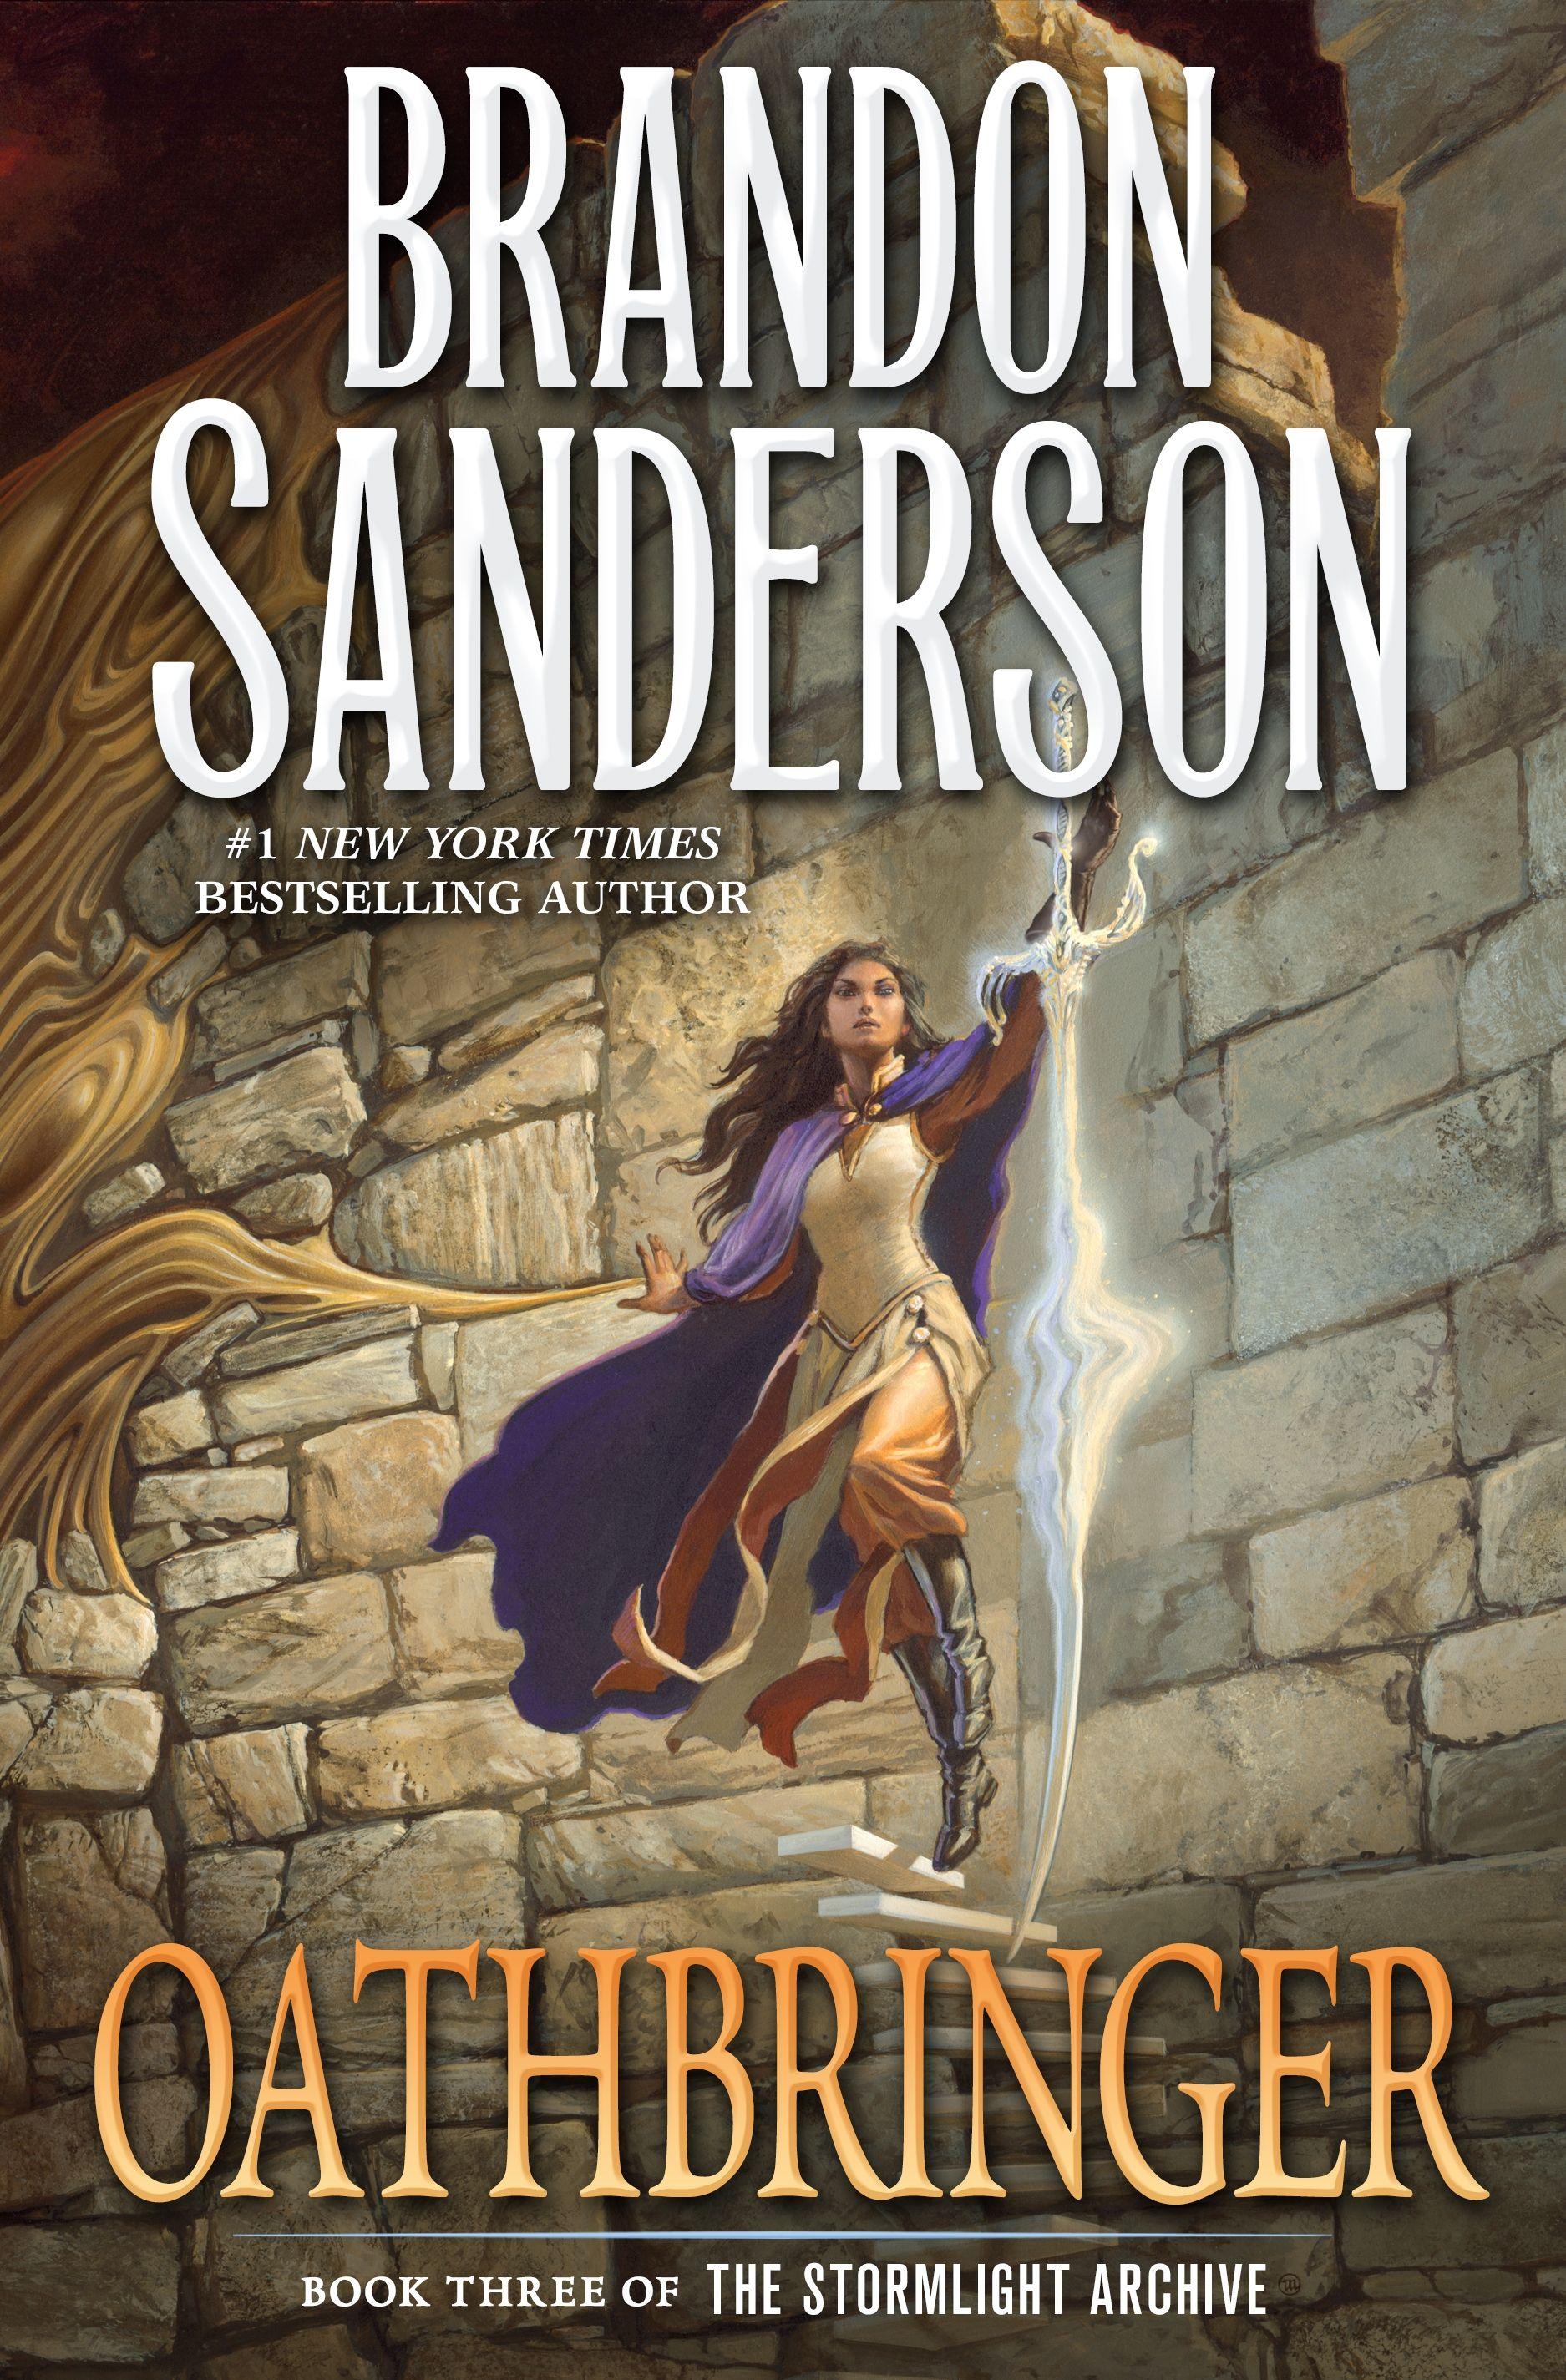 Brandon Sanderson Oathbringer Awordfromjojo Fantasy Epicfantasy Brandonsanderson Libros De Ficción Títulos De Películas Pdf Libros